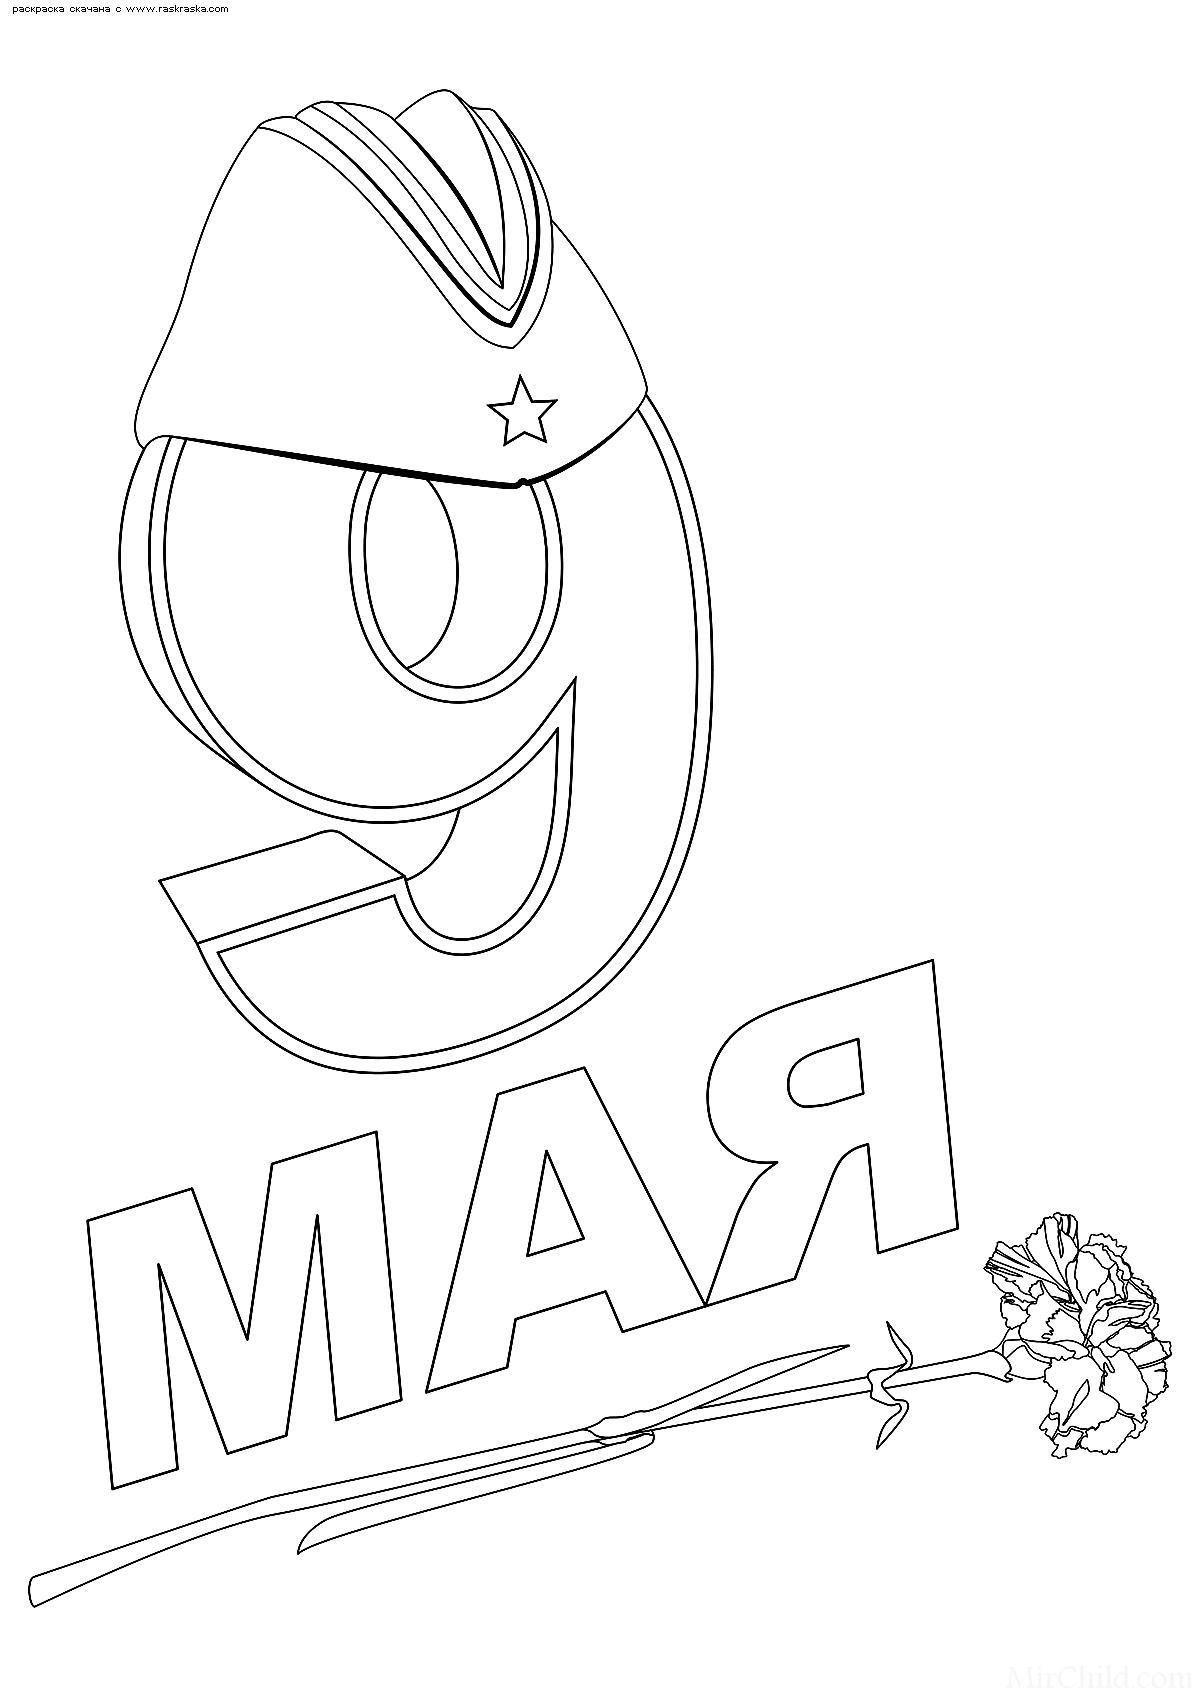 Раскраска 9 мая. Раскраска 9 мая, день победы, пилотка